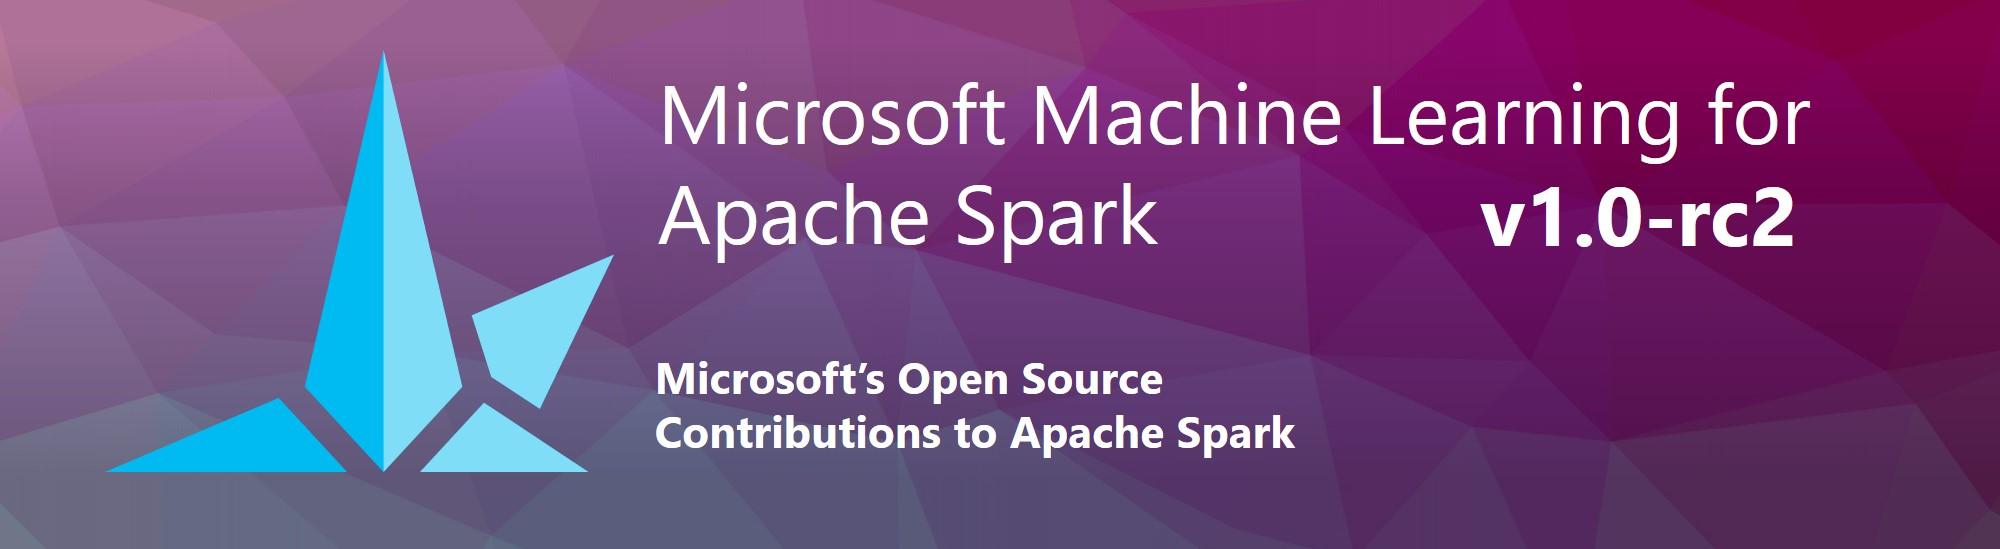 Microsoft ML for Apache Spark v1.0.0-rc2